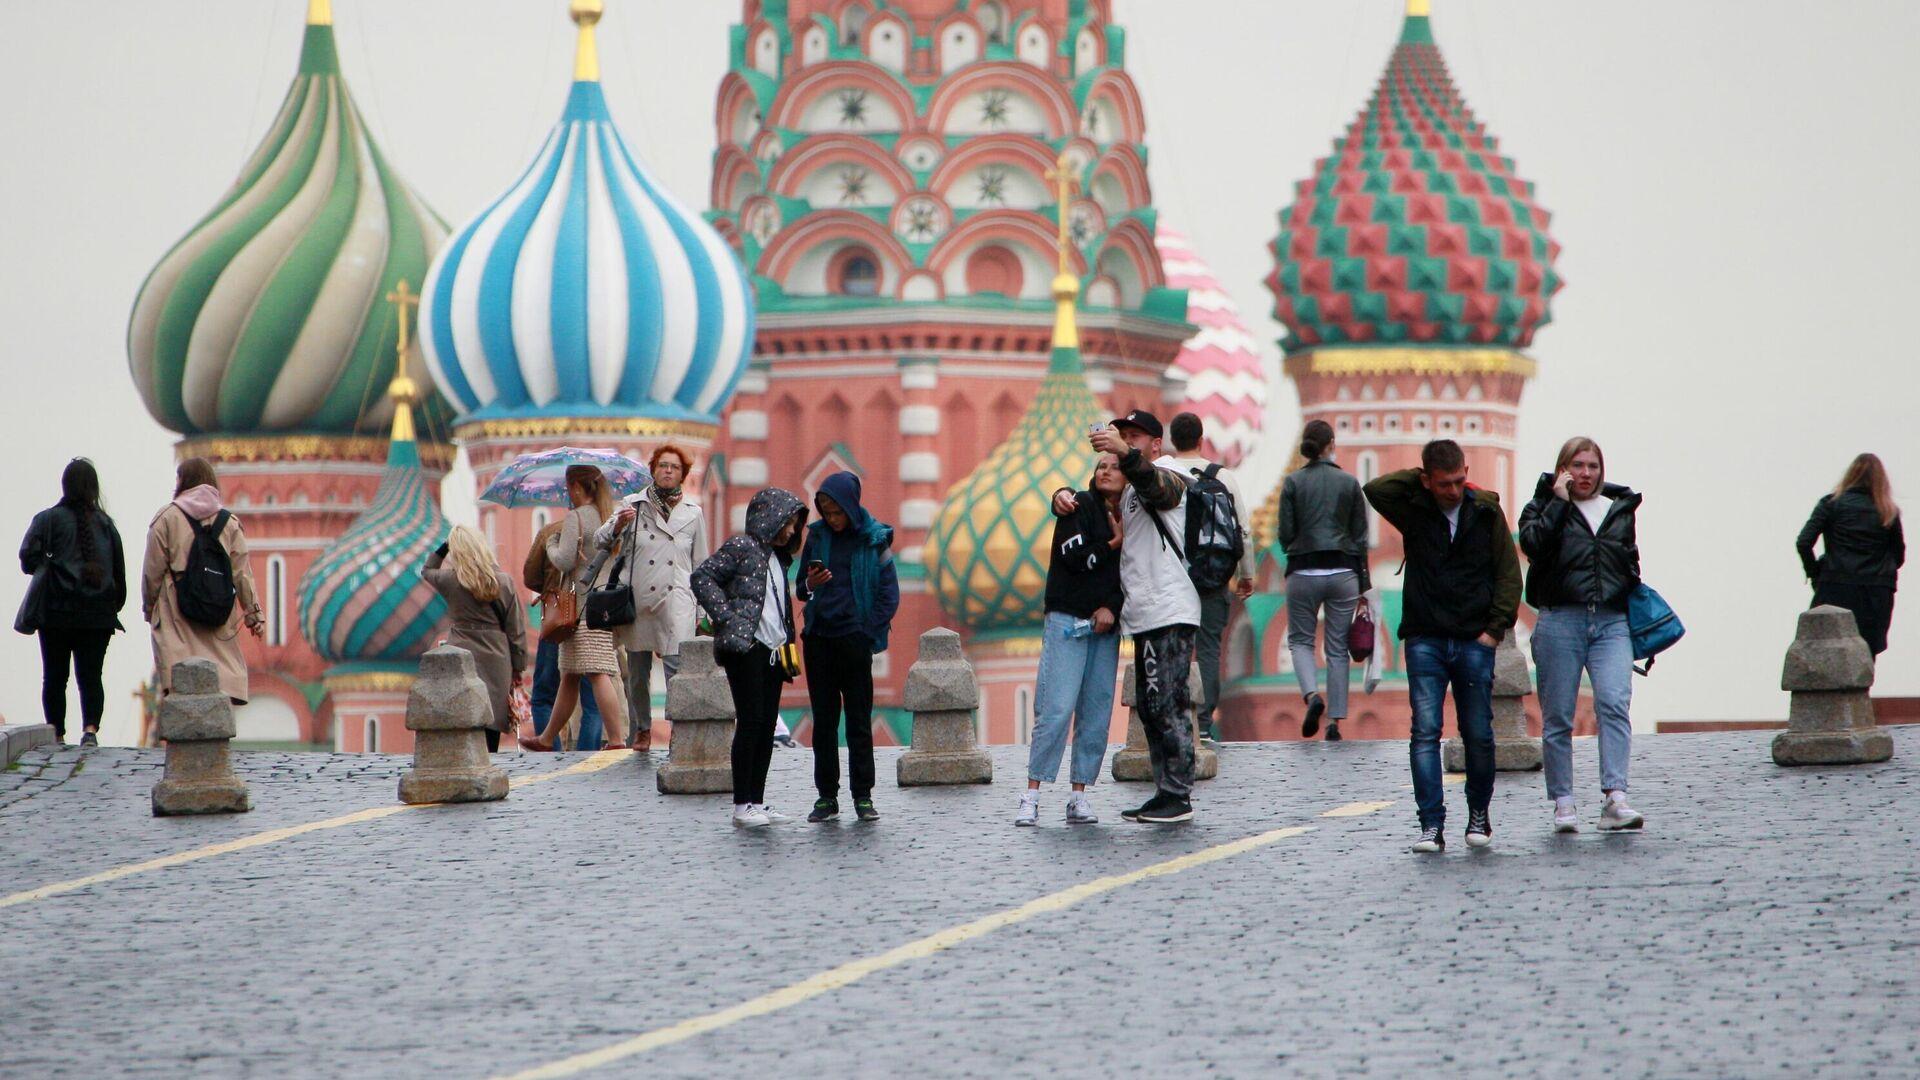 Люди на Красной площади в Москве - РИА Новости, 1920, 26.10.2020